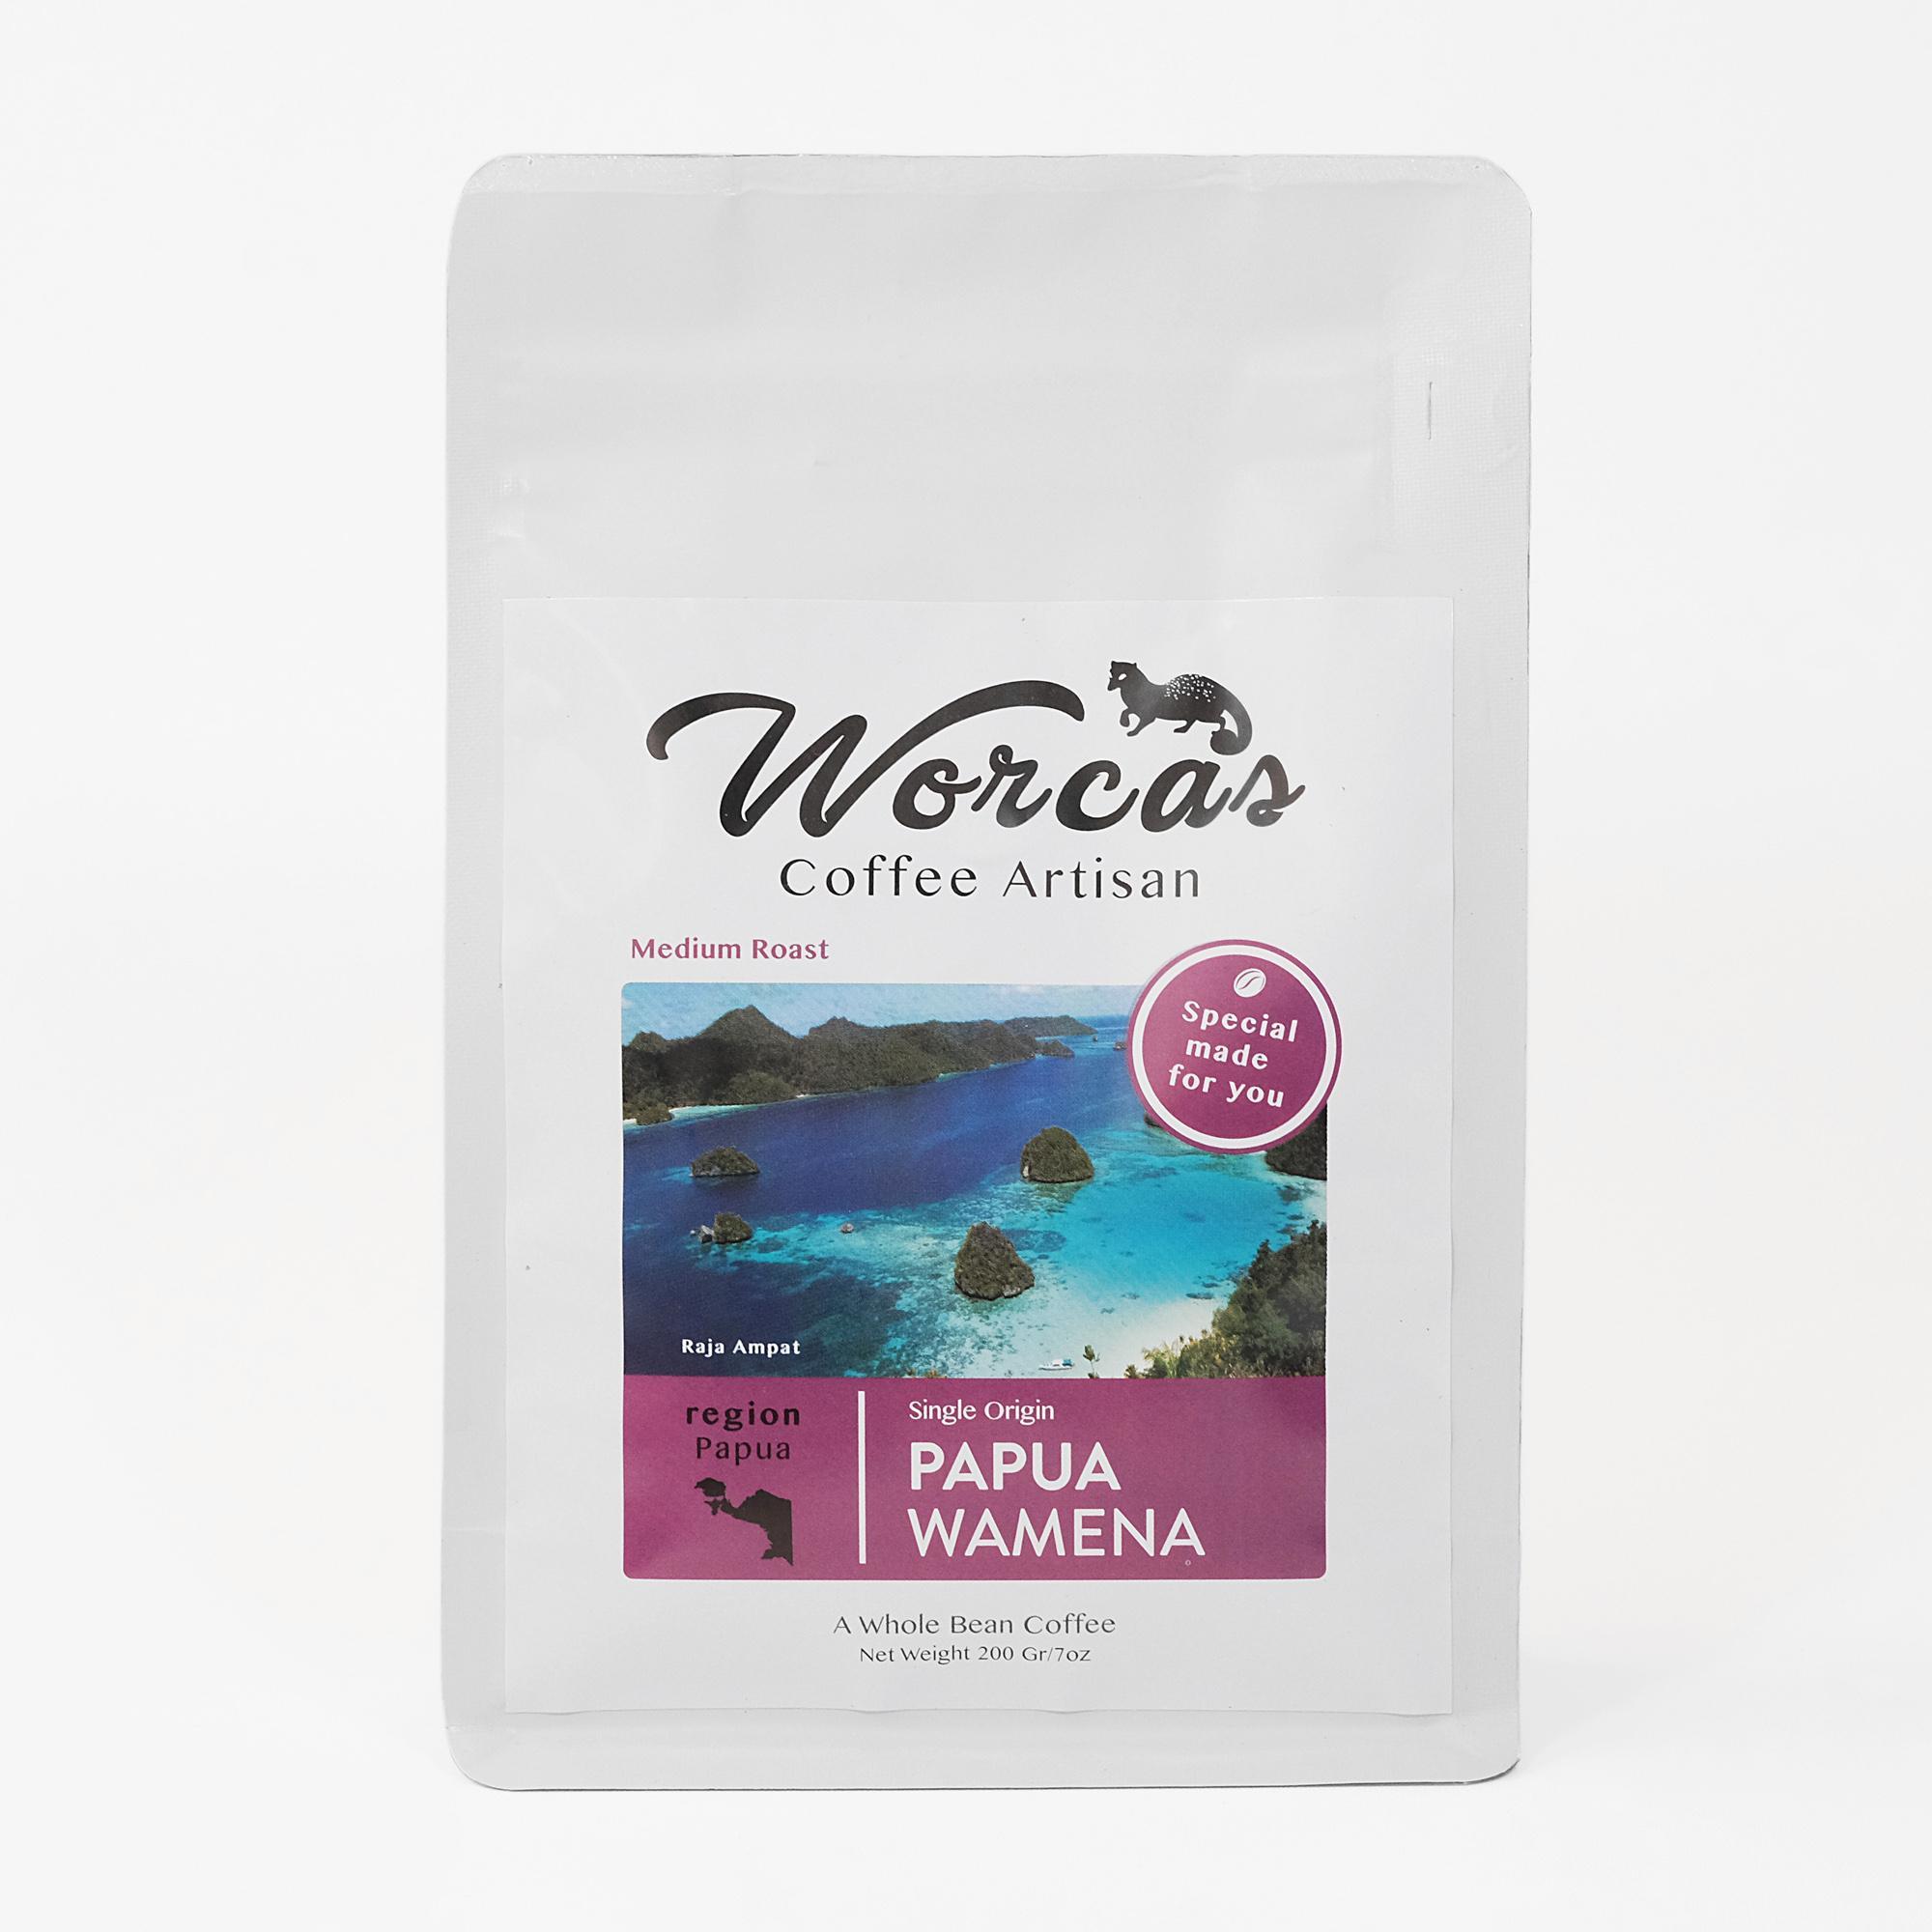 Kopi Biji Bubuk Arabika Super Koffie Warung Tinggi Premium Coffee 250 Gram Arabica Papua Wamena 200 Medium Roast